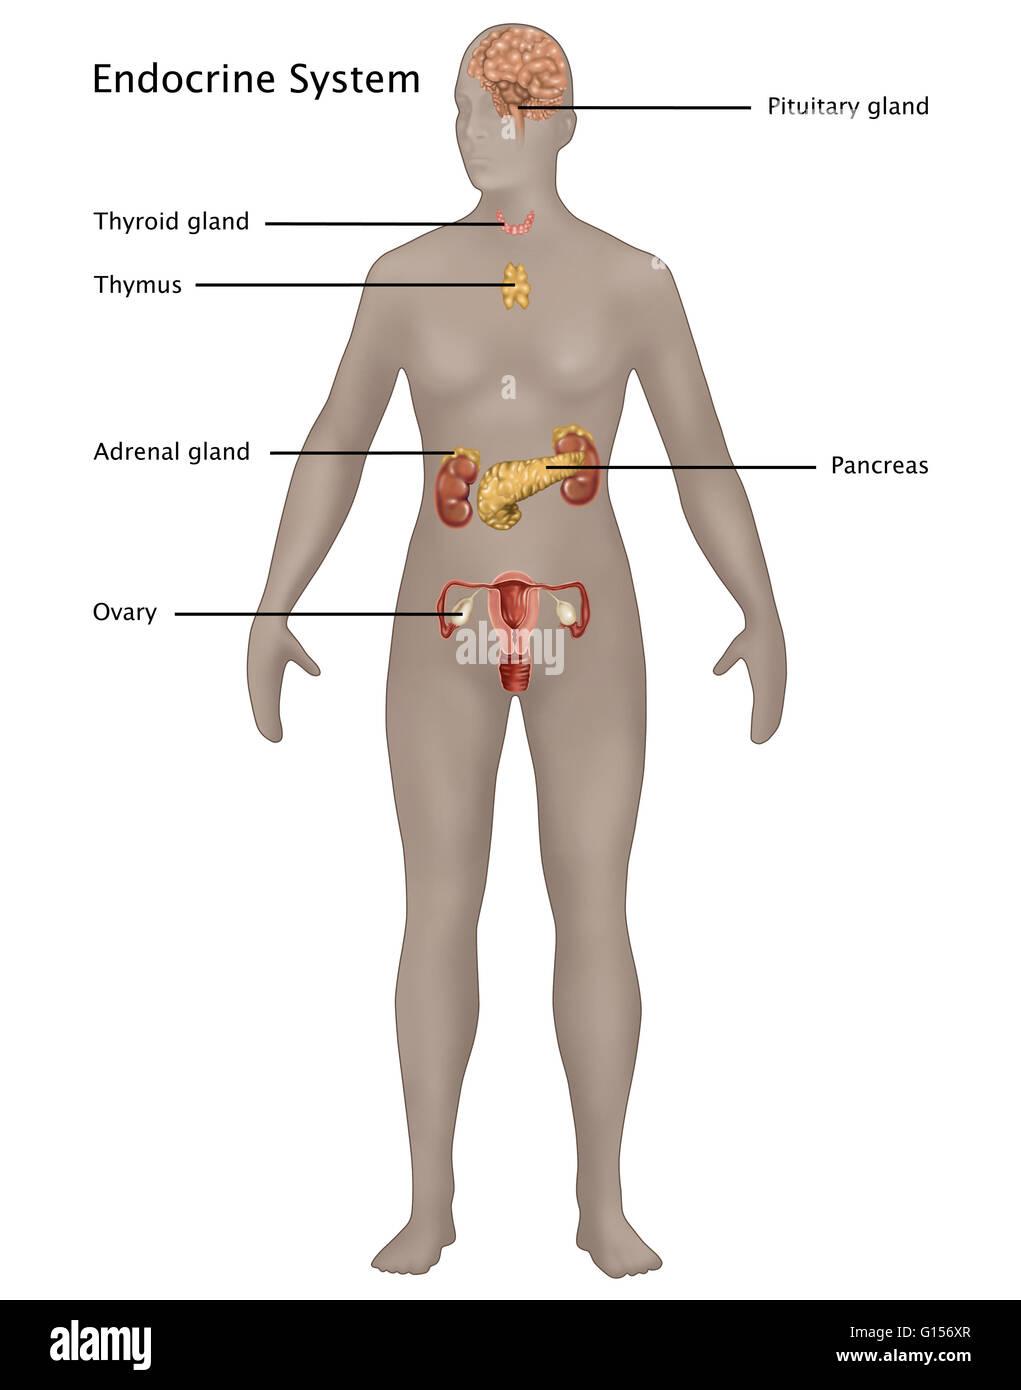 Ilustración del sistema endocrino en la anatomía femenina. Ilustrado ...